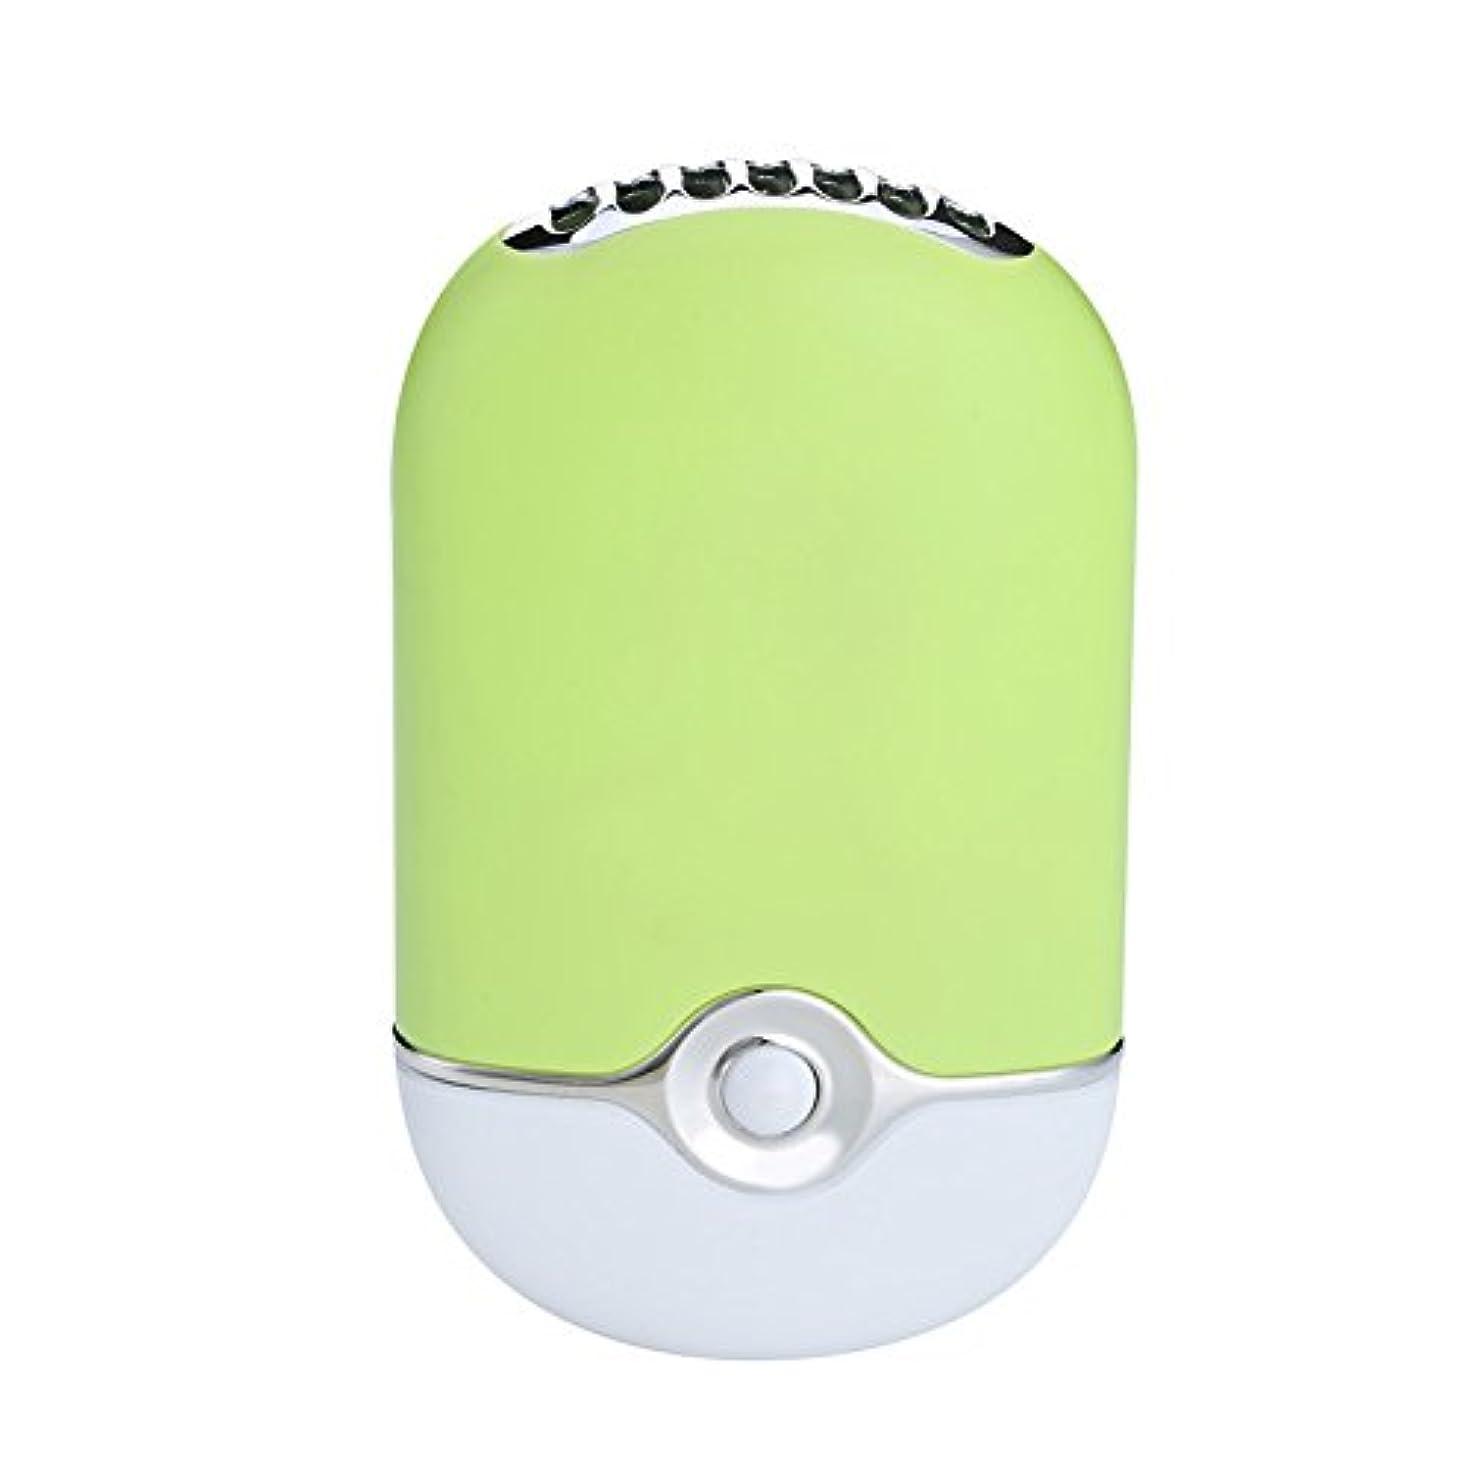 蒸発やむを得ない却下するMengshen まつ毛ドライヤー くぎ ネイルドライヤー ハンドヘルドクイックドライヤー まつげエクステ用 USB ミニファンブロワー 速乾性 F015 Green